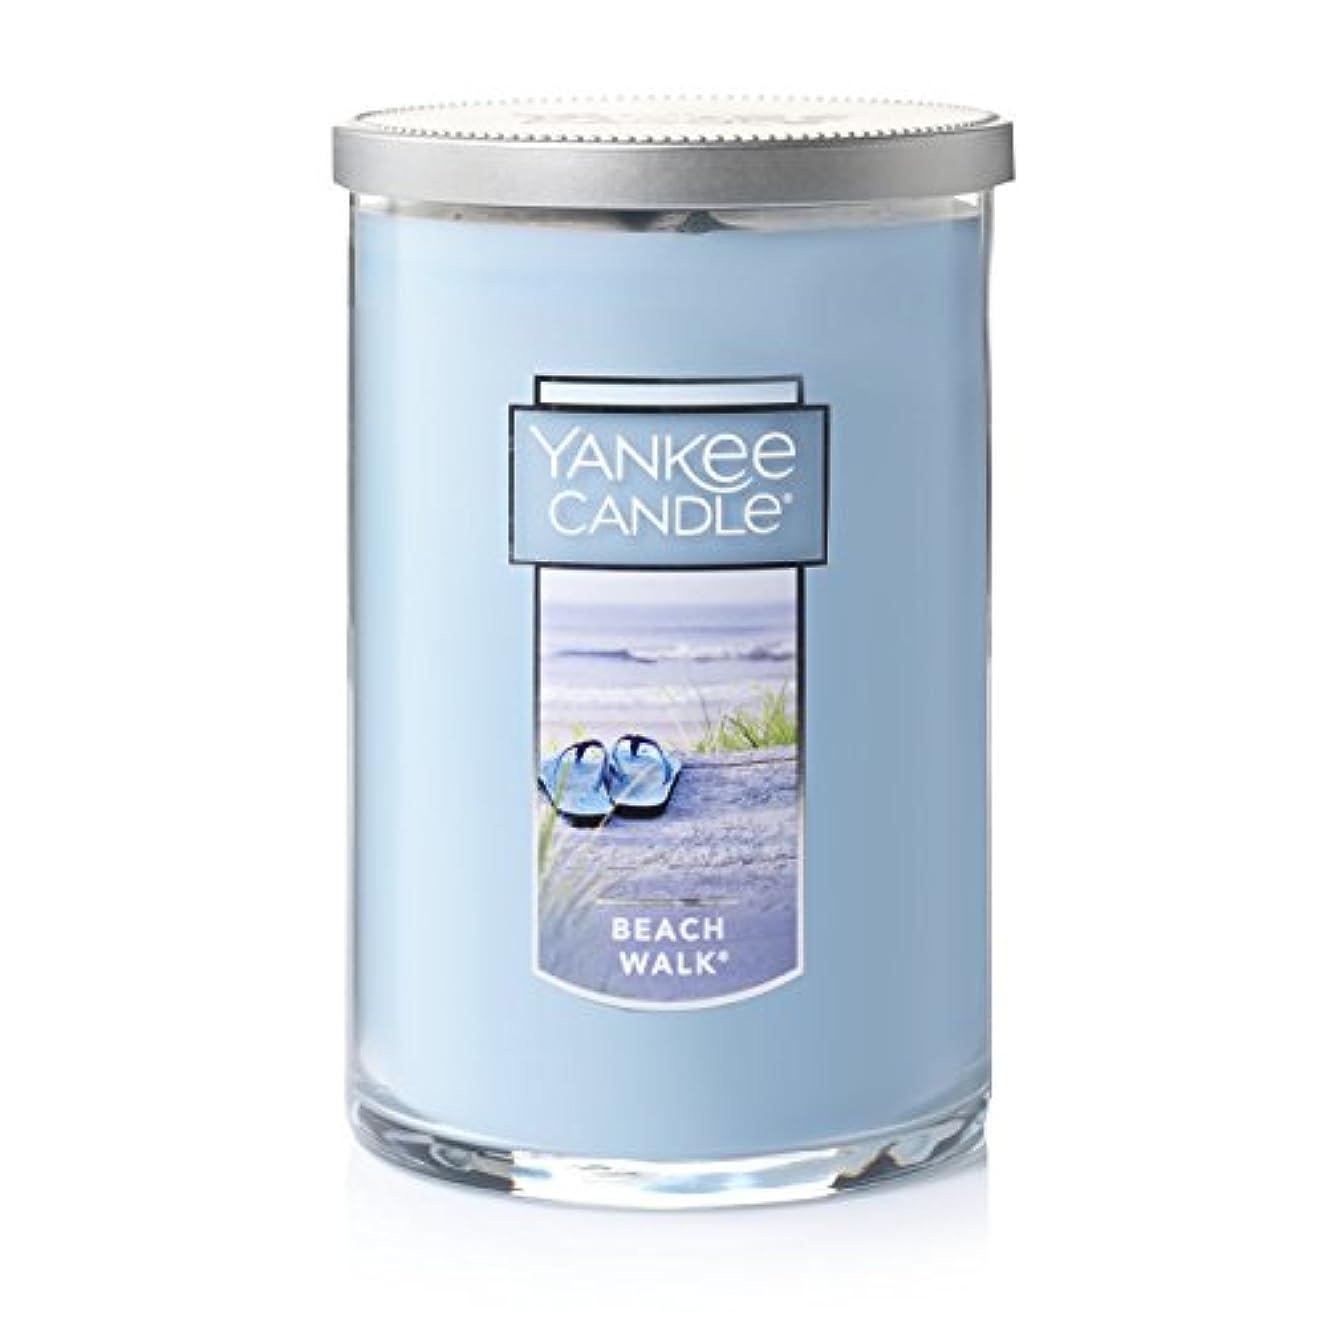 突っ込むいつか征服者Yankee Candle Beach Walk Large Jar 22oz Candle Large 2-Wick Tumbler Candle オレンジ 1129787